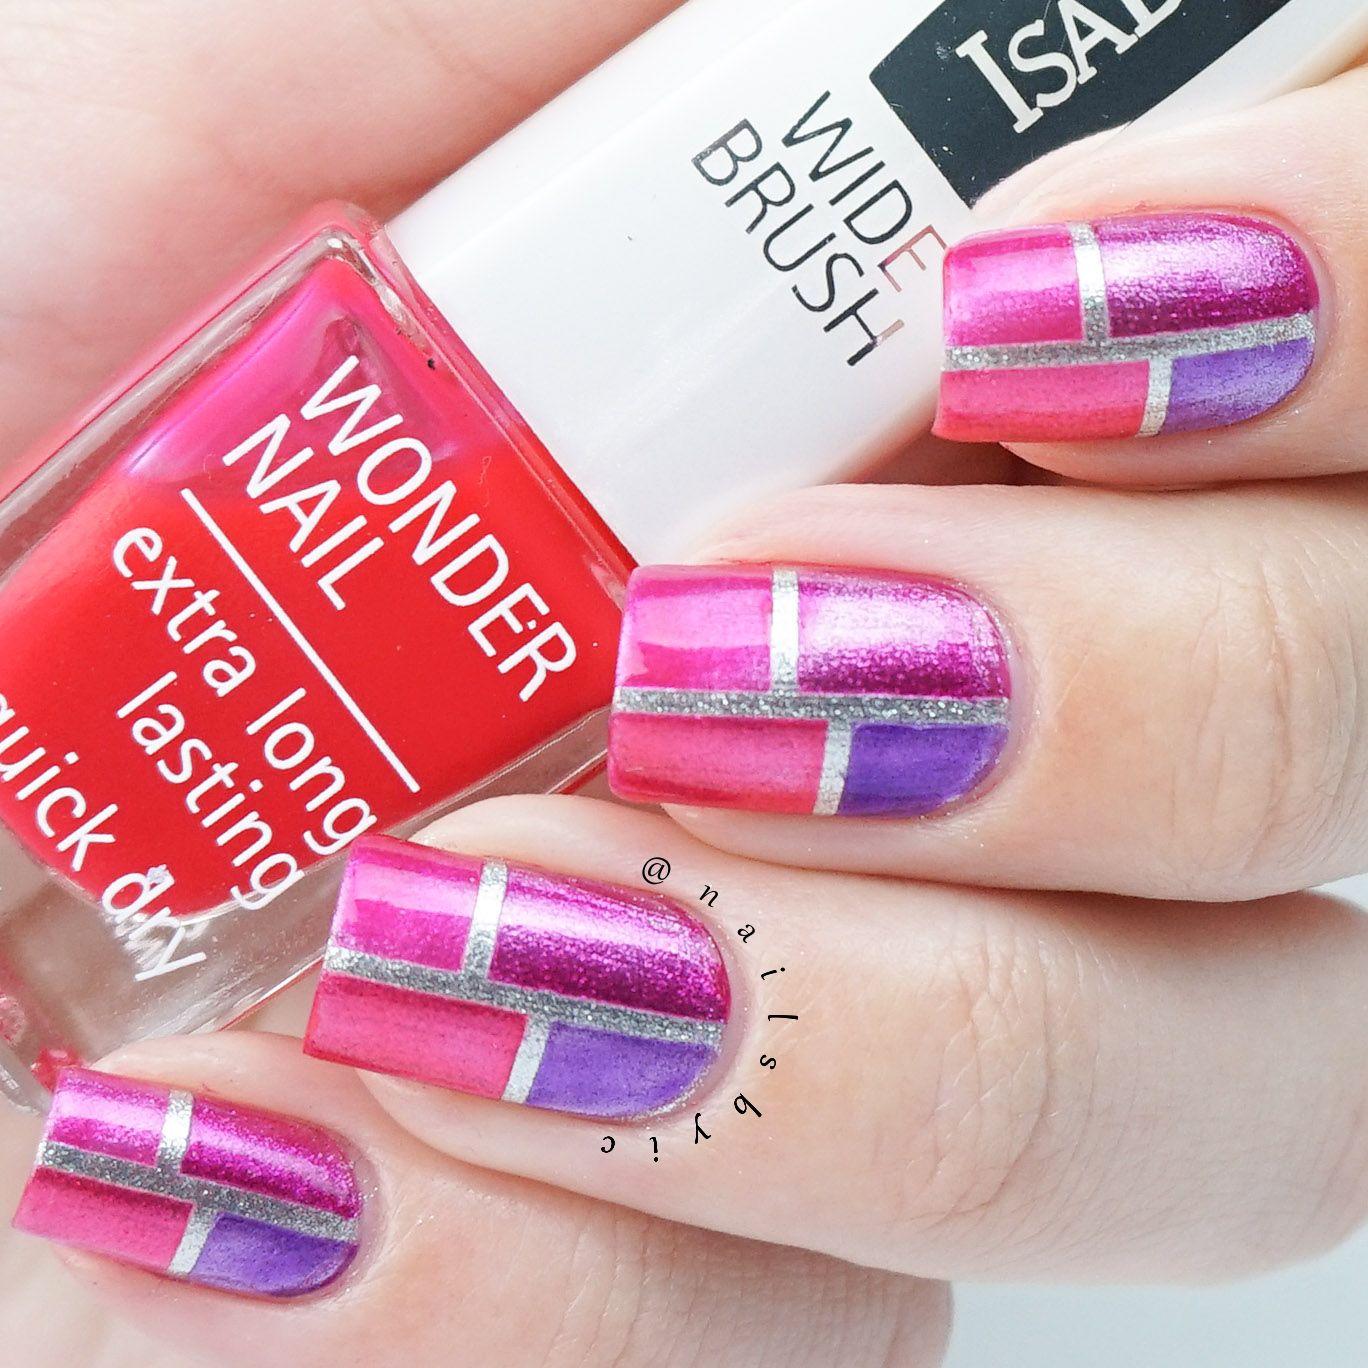 Isadora jelly pop nail gloss color block nail art with silver isadora jelly pop nail gloss color block nail art with silver base prinsesfo Image collections